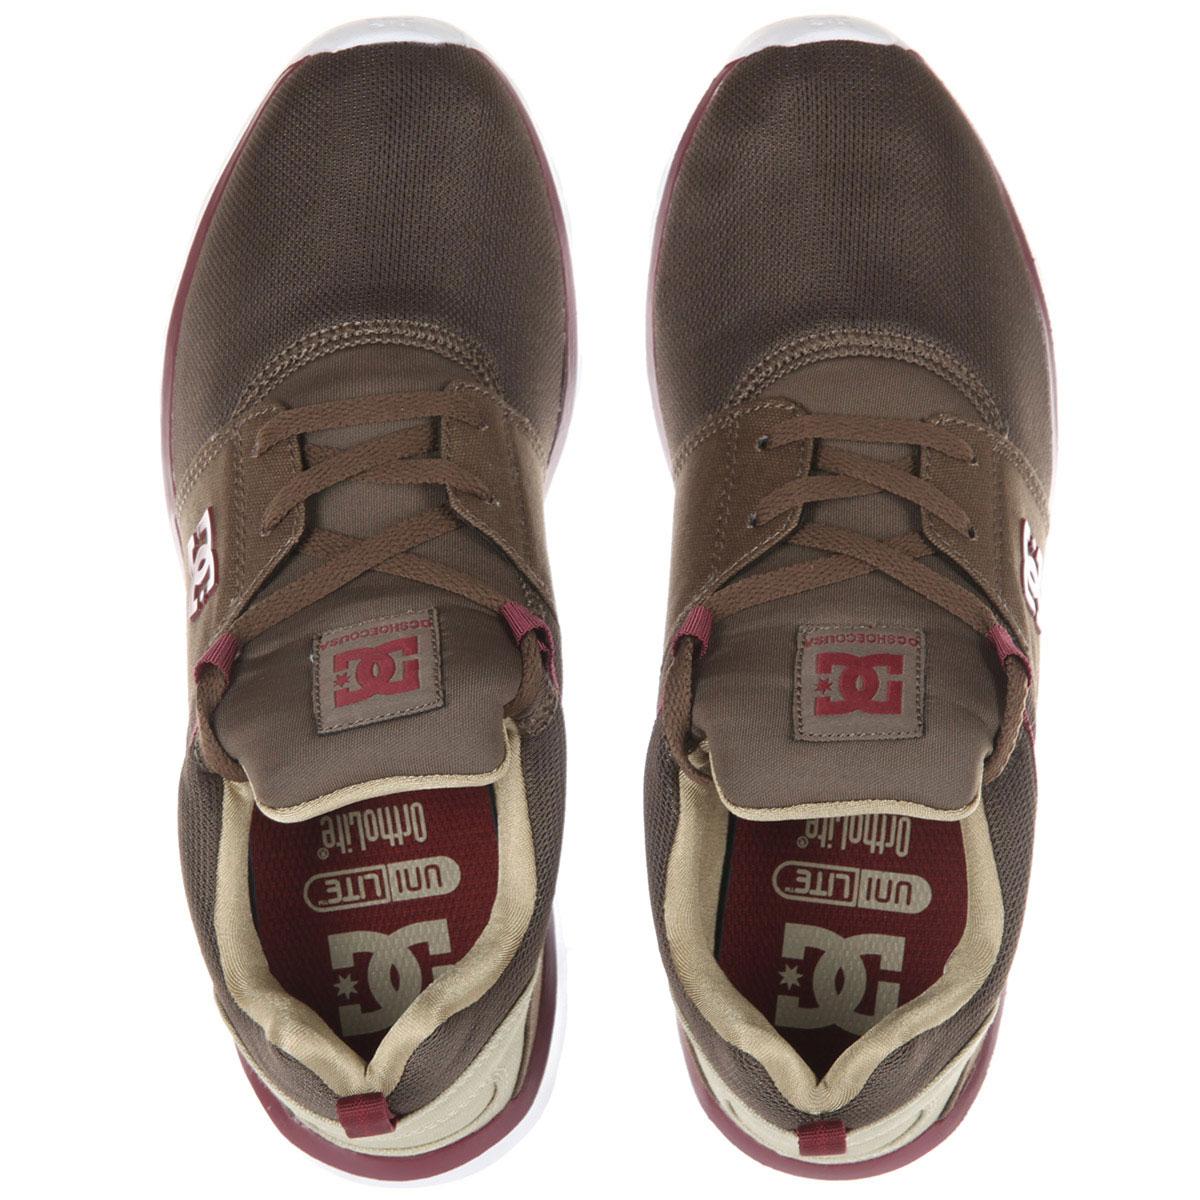 Купить кроссовки DC Heathrow Timber (ADYS700071-TMB) в интернет ... 686657745b2